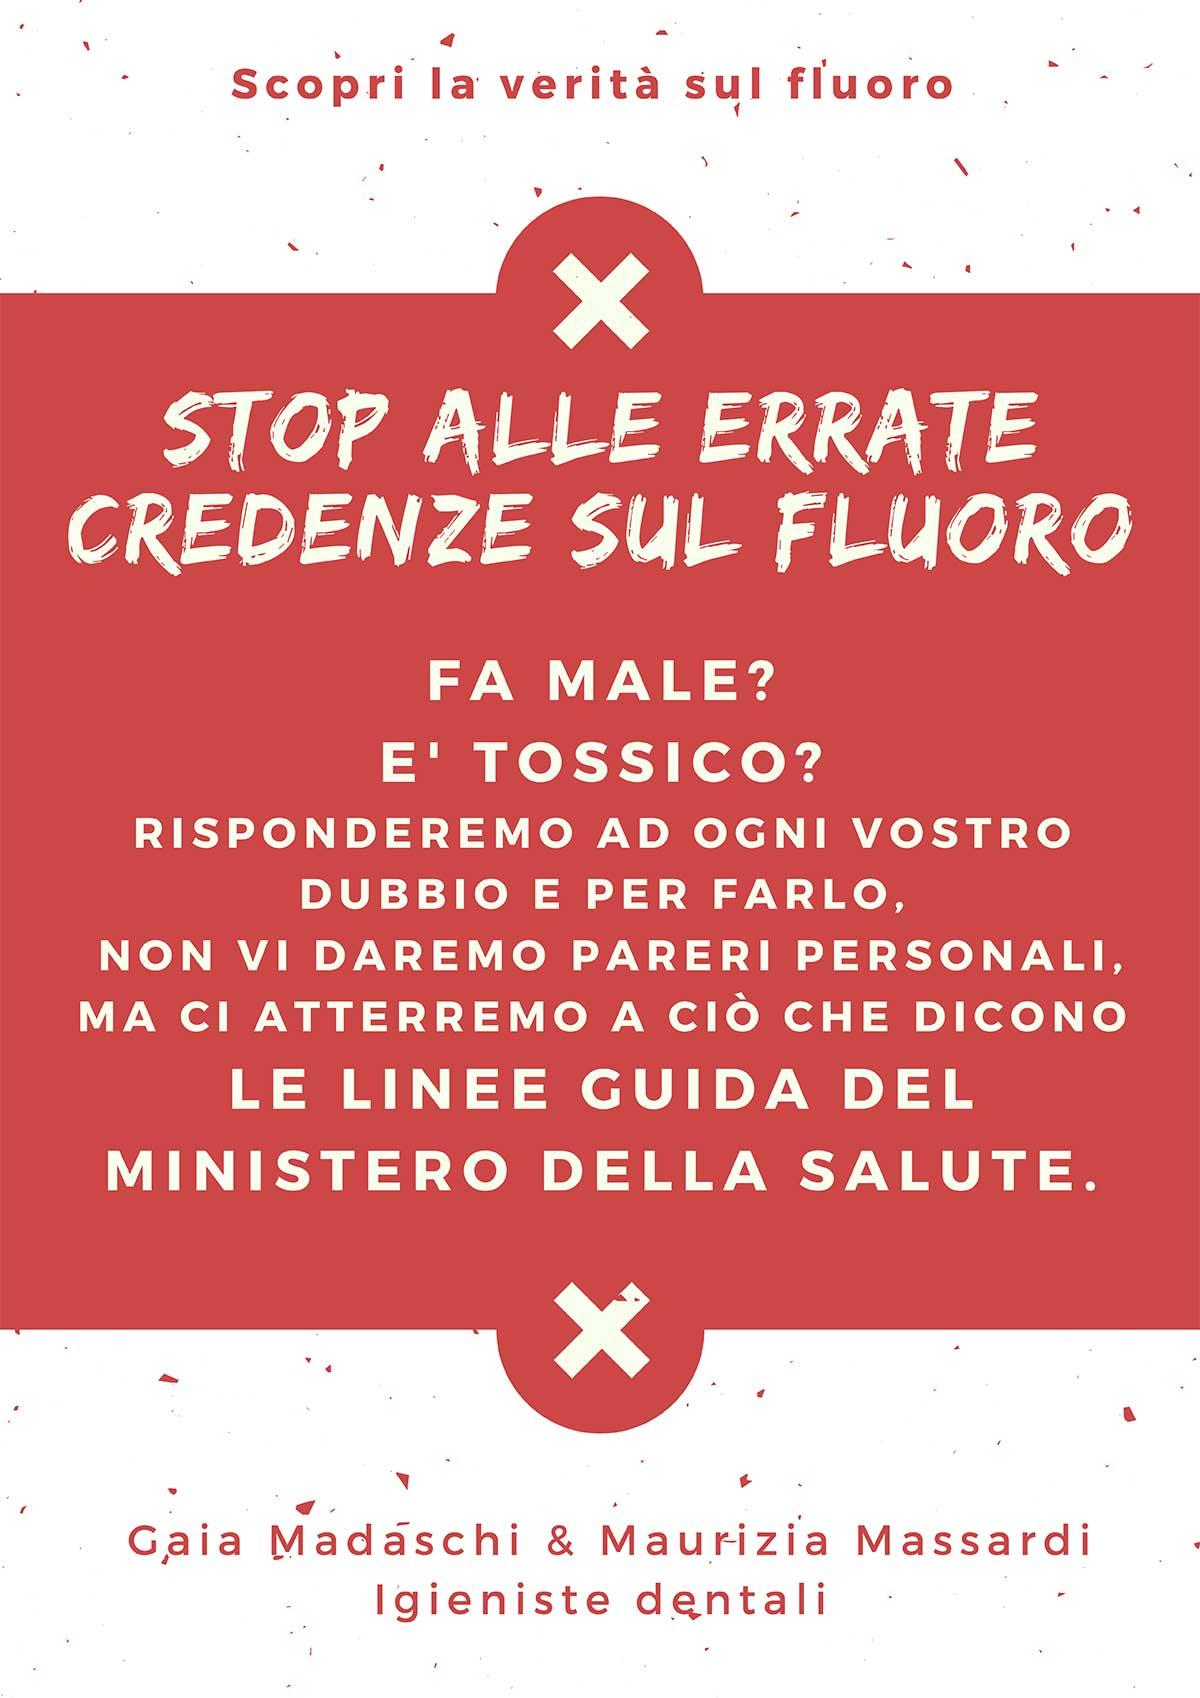 FREEBIE-STOP-alle-errate-credenze-sul-fluoro